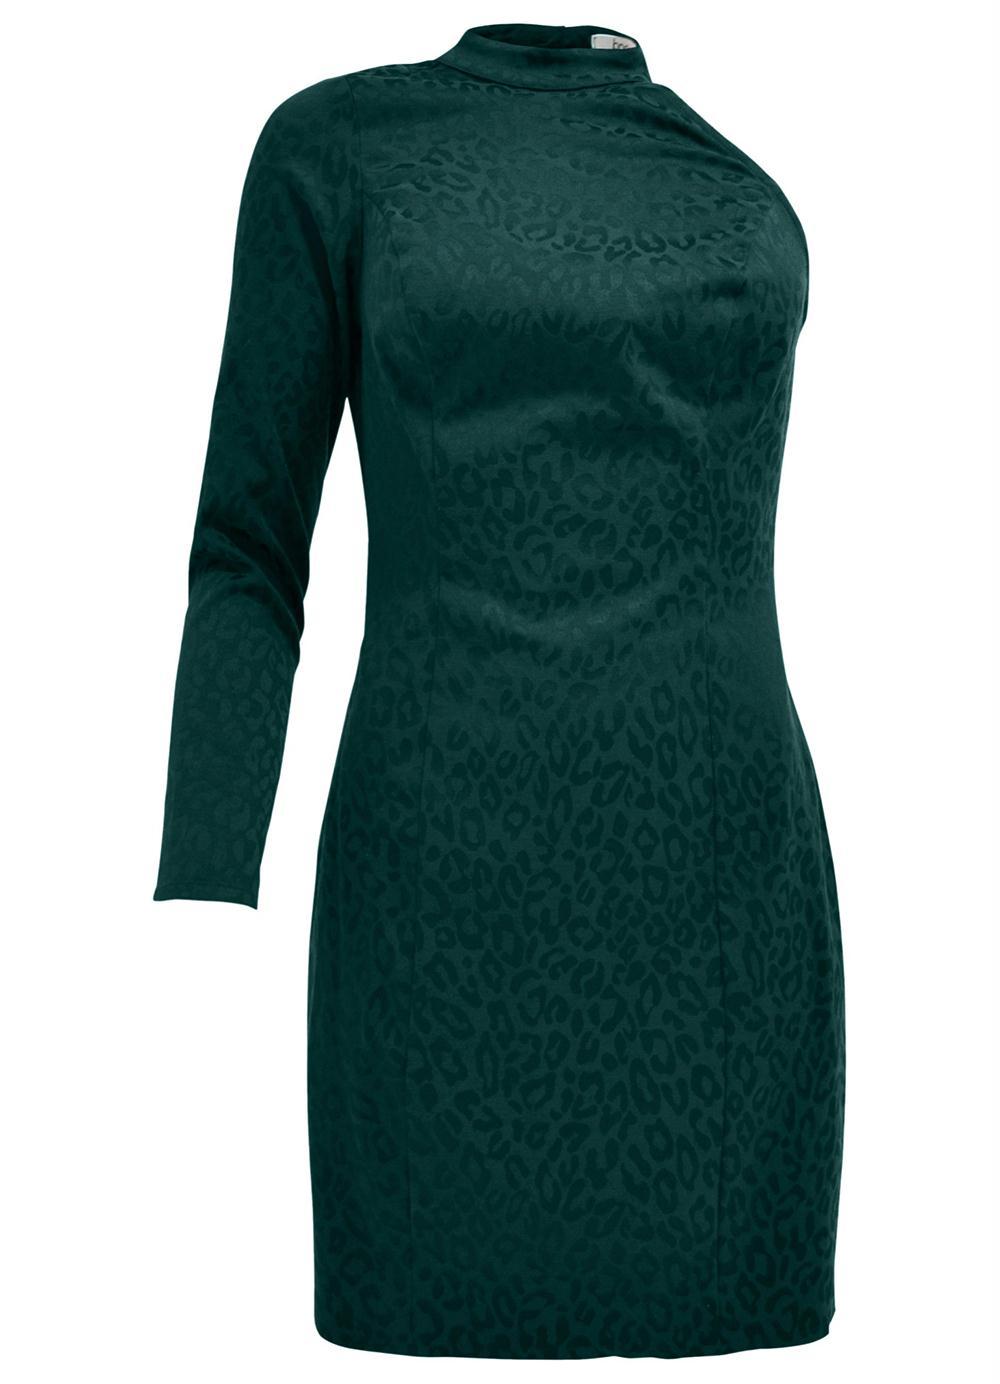 23b860e2be Vestido de um Ombro Só Verde - bonprix